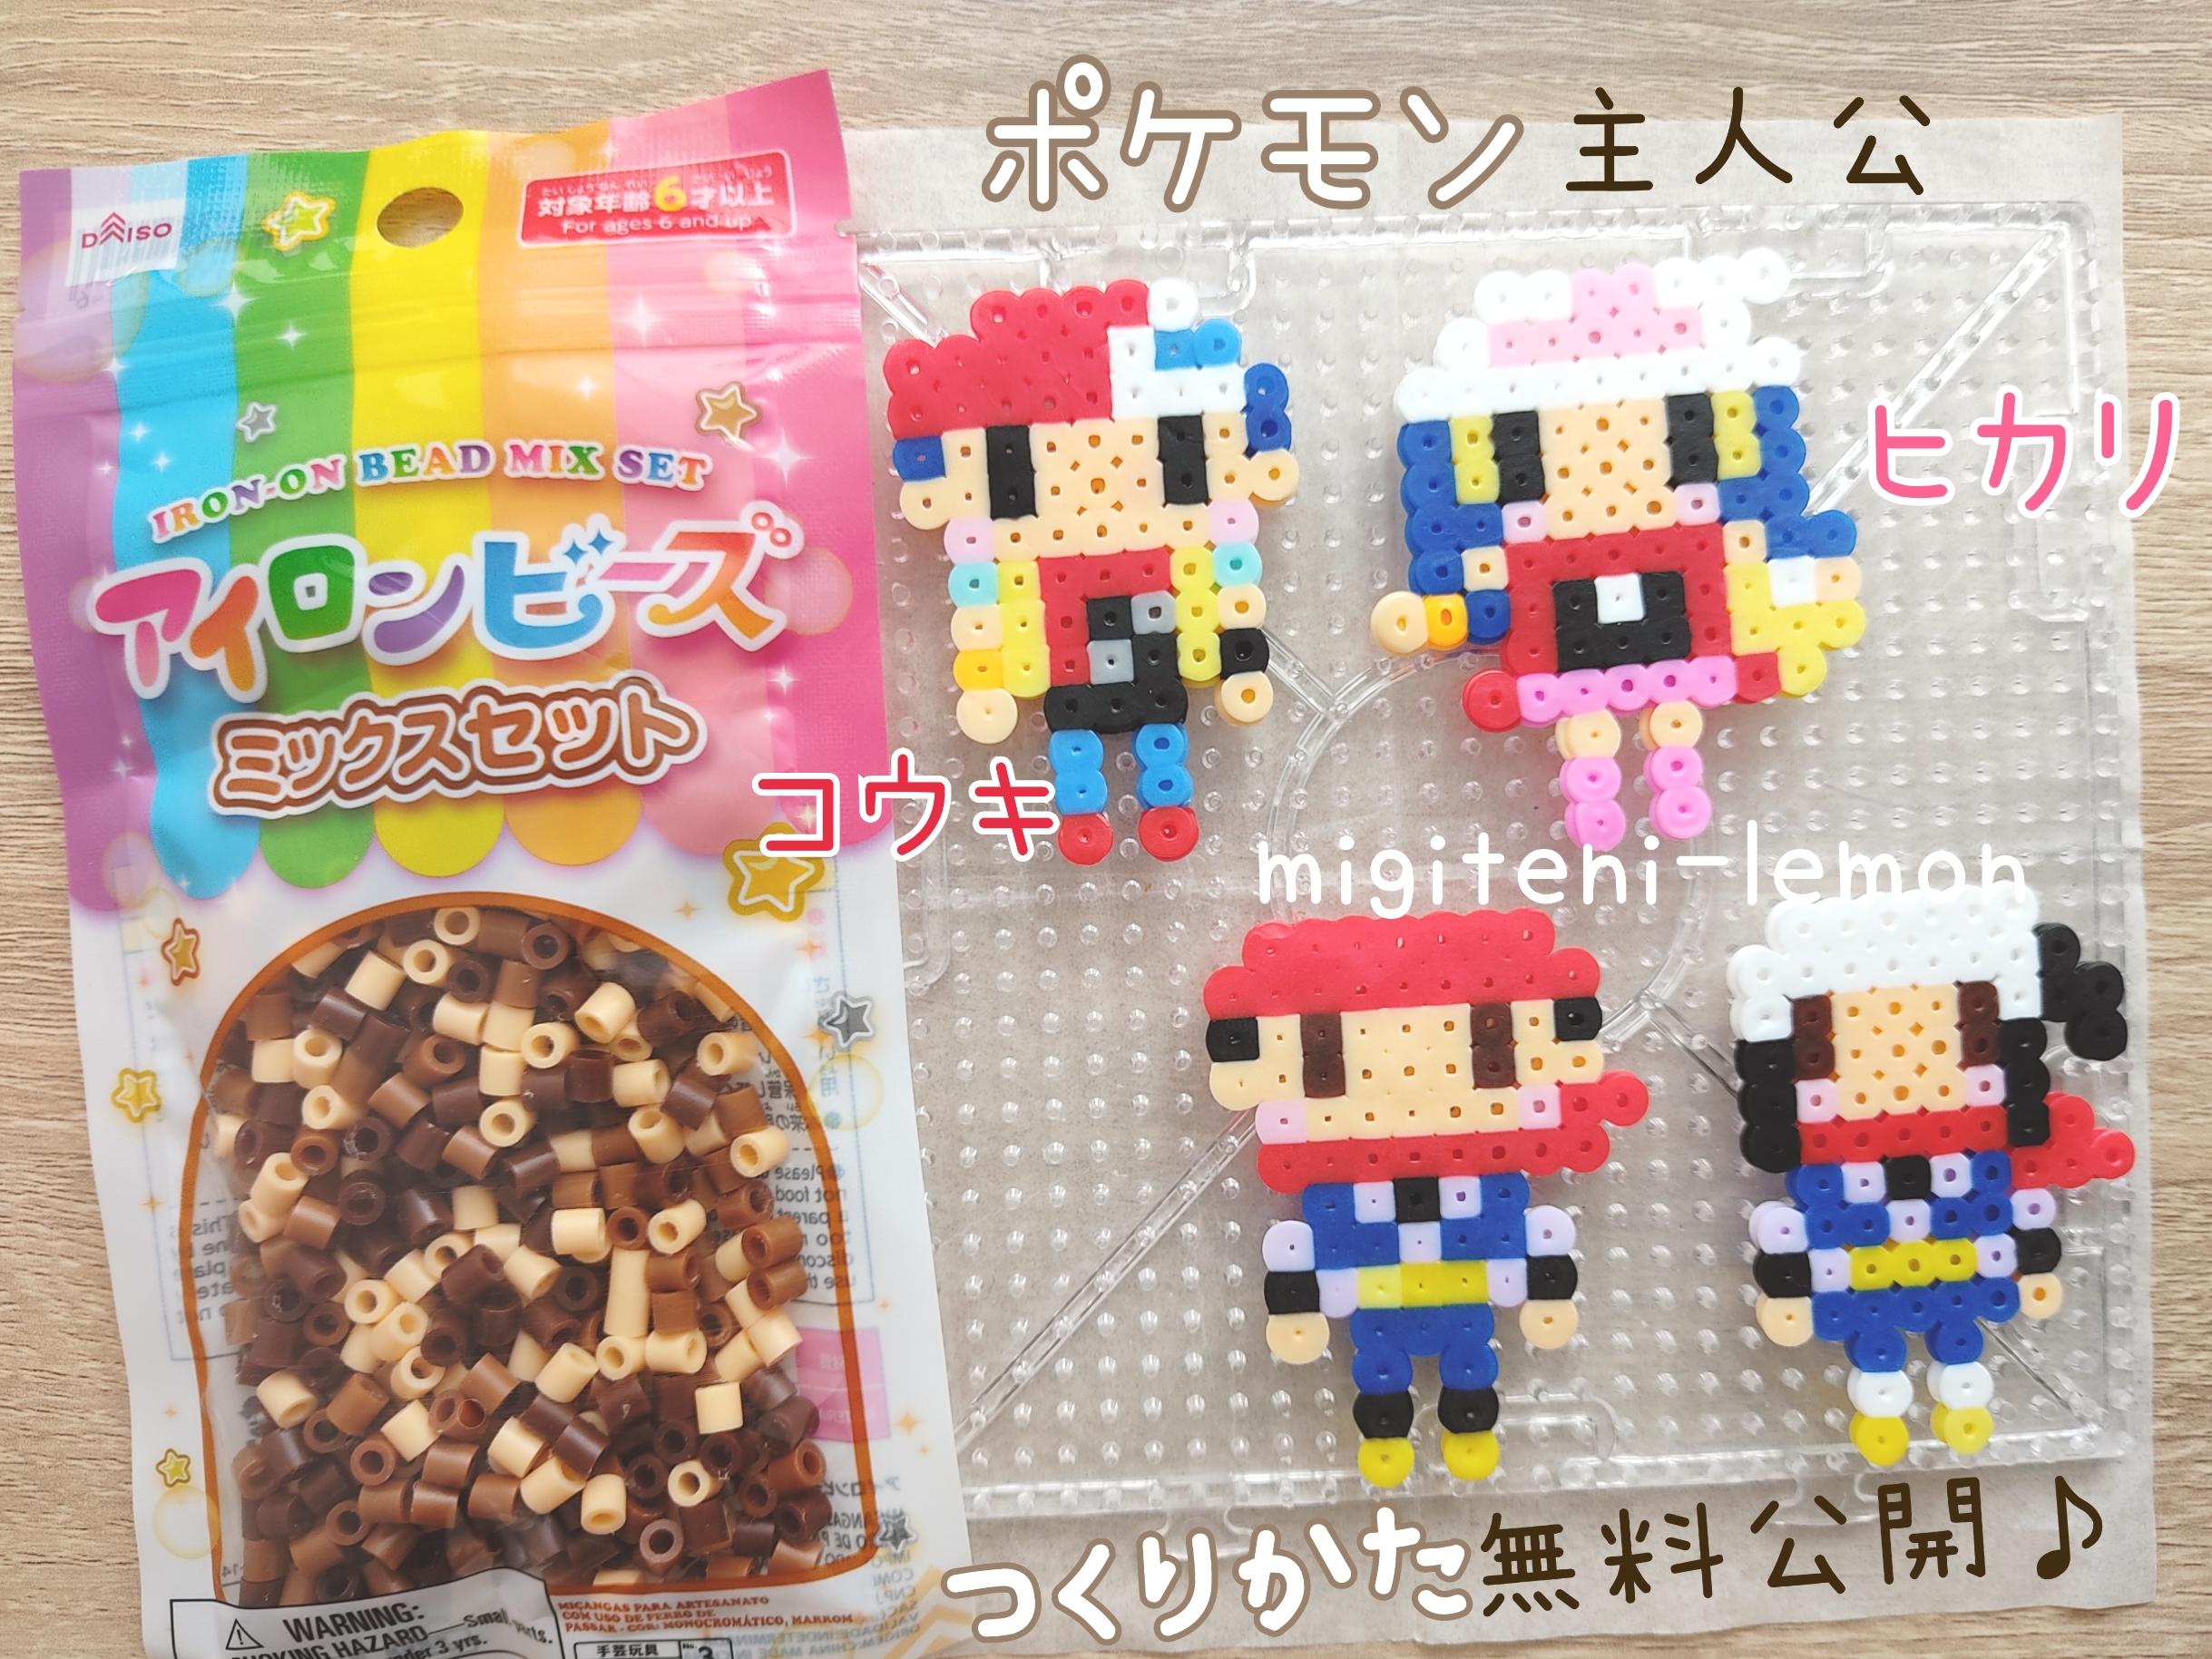 pokemon-diamondperl-kouki-hikari-ironbeads-kawaii-handmade